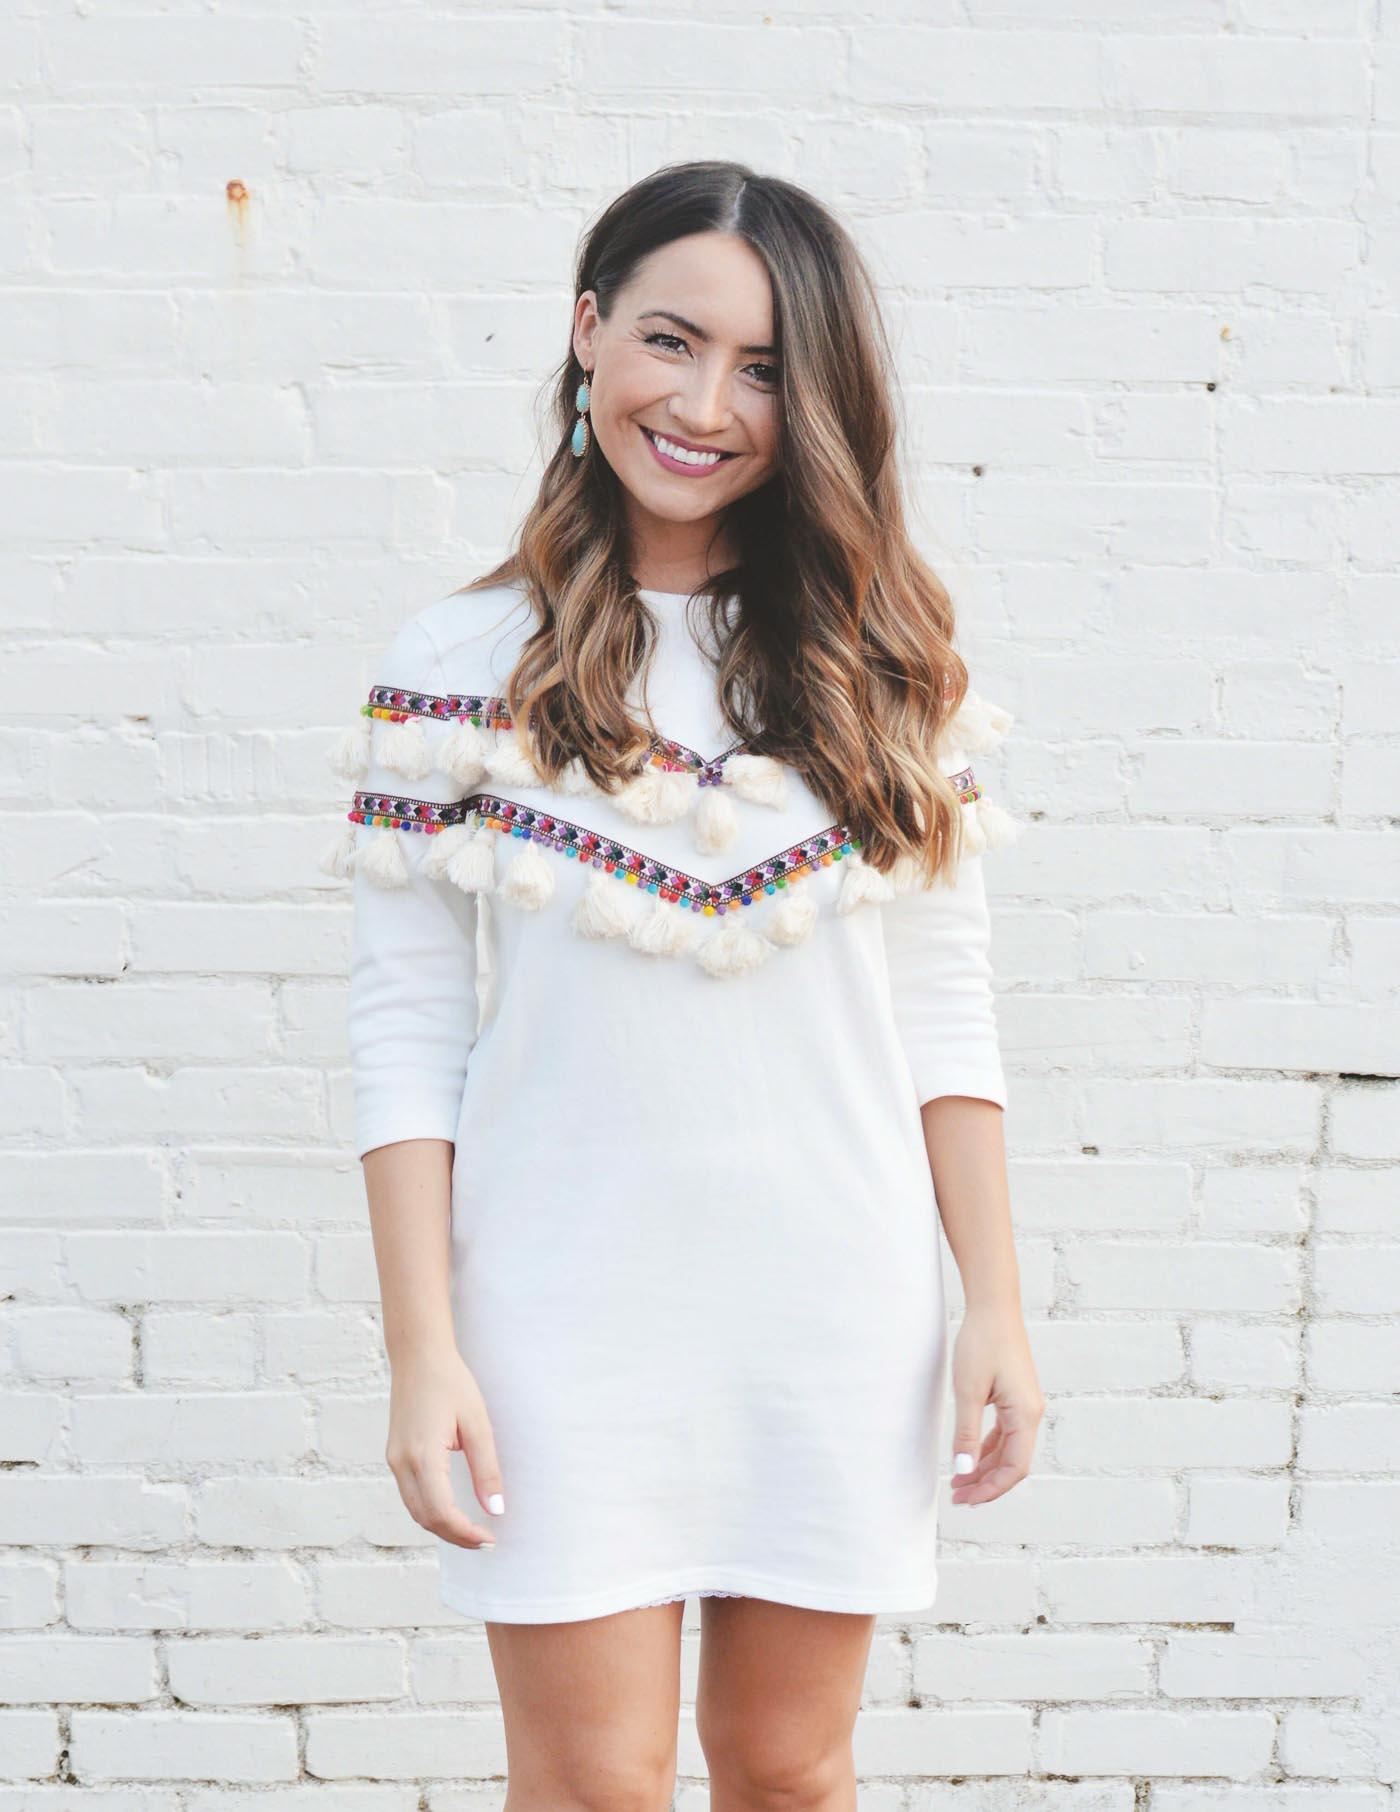 Tassel dress for summer - The Blog Societies (1 of 1)